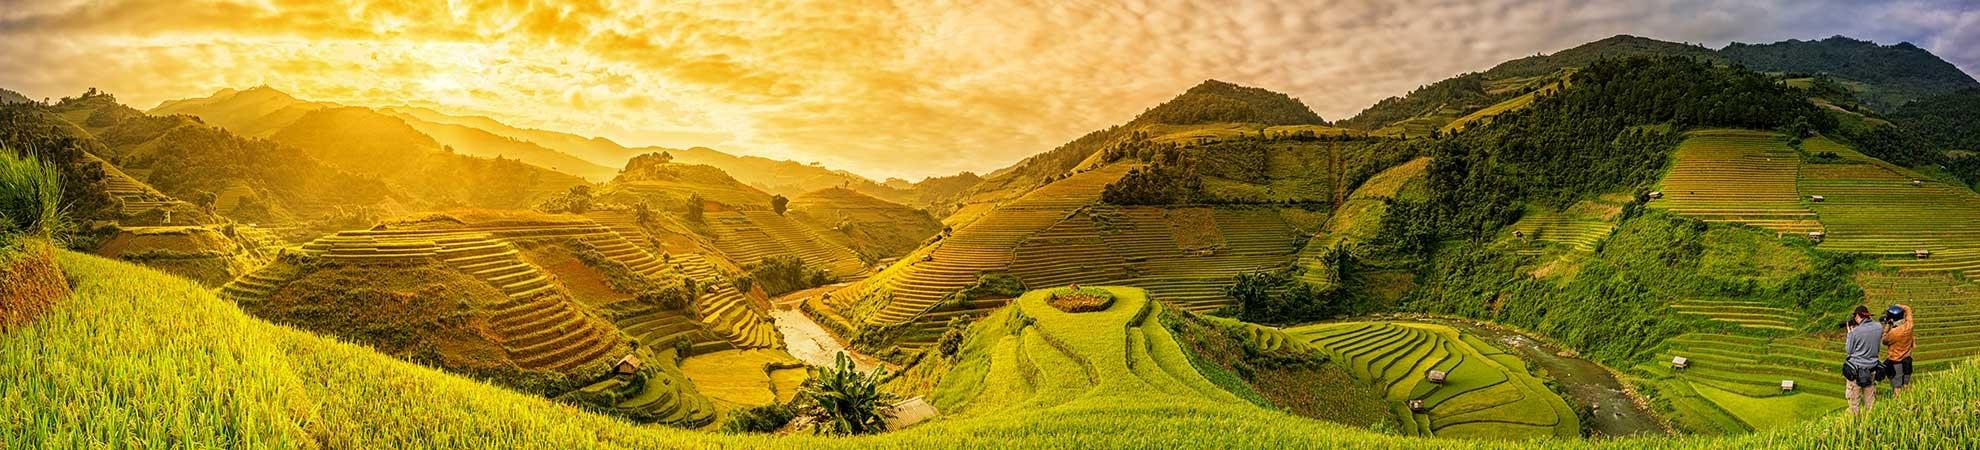 Infos pratiques Fiche pays Vietnam